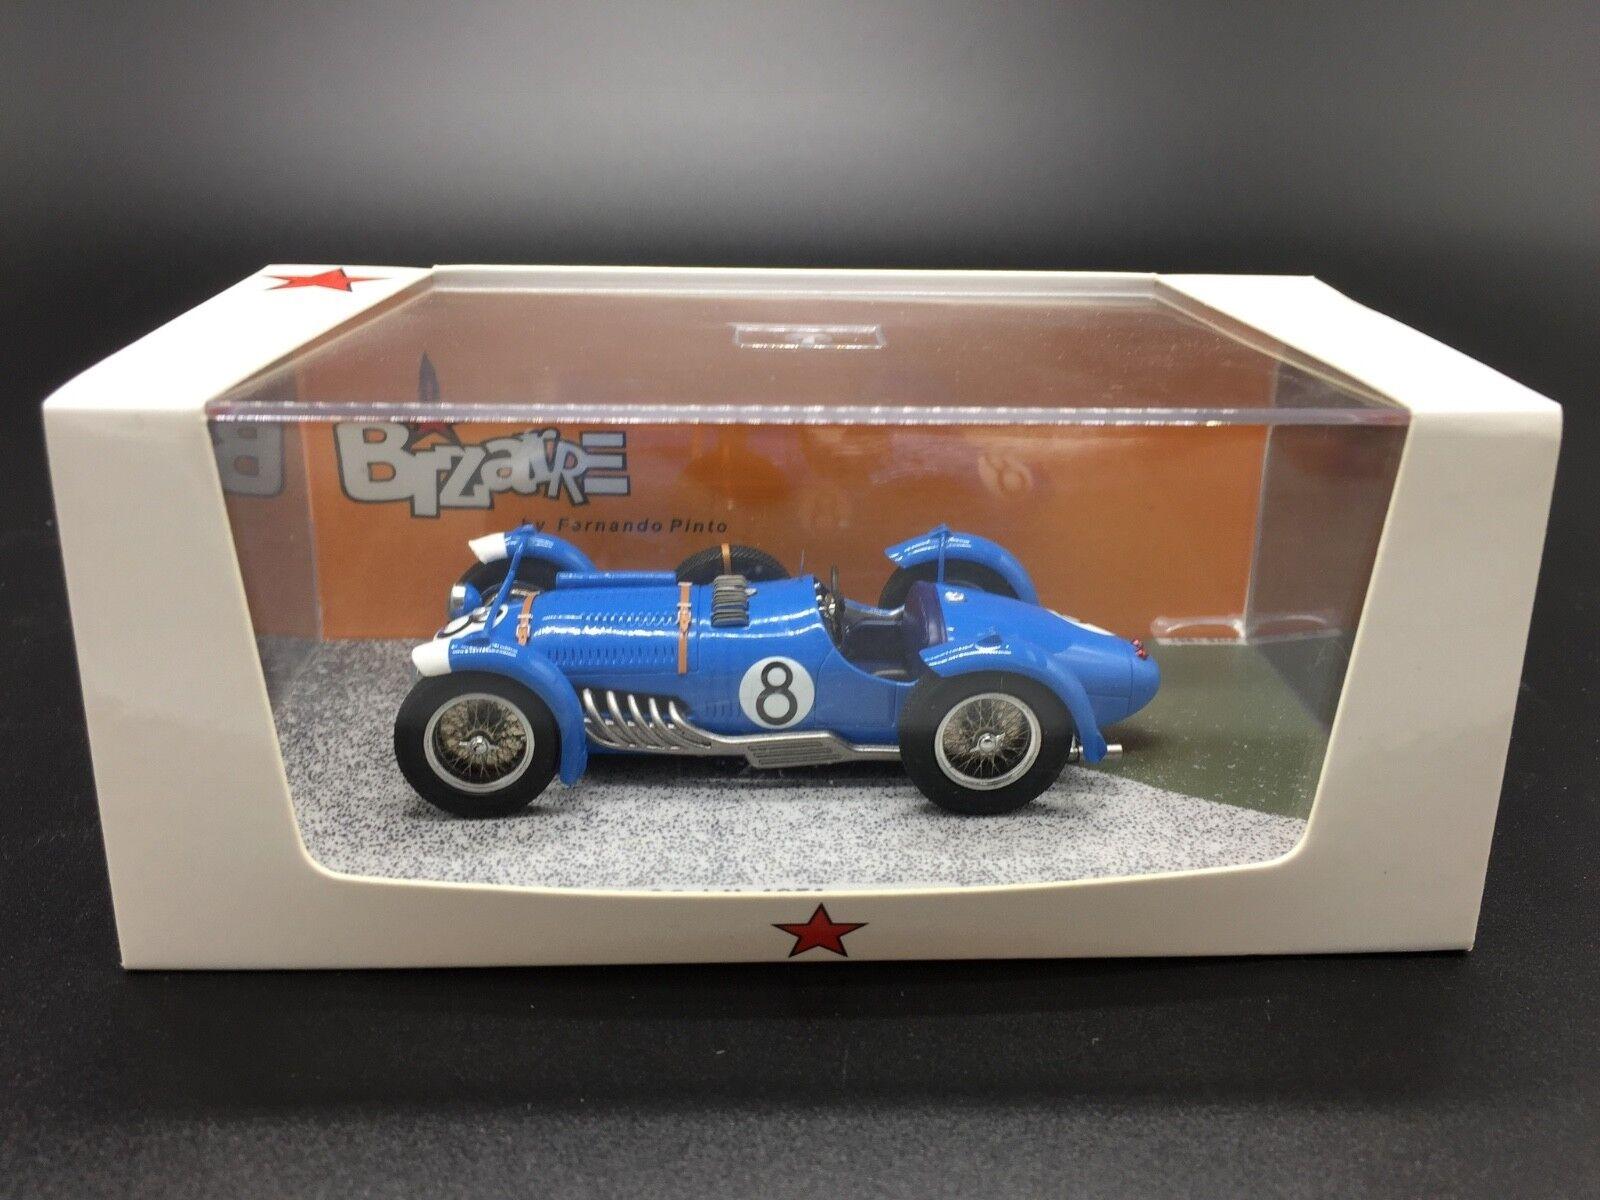 Talbot Lago T26 Gs N.8 Retirosso Le Mans 1951 Chaboud-Vincent 1 43 Bizarre BZ431